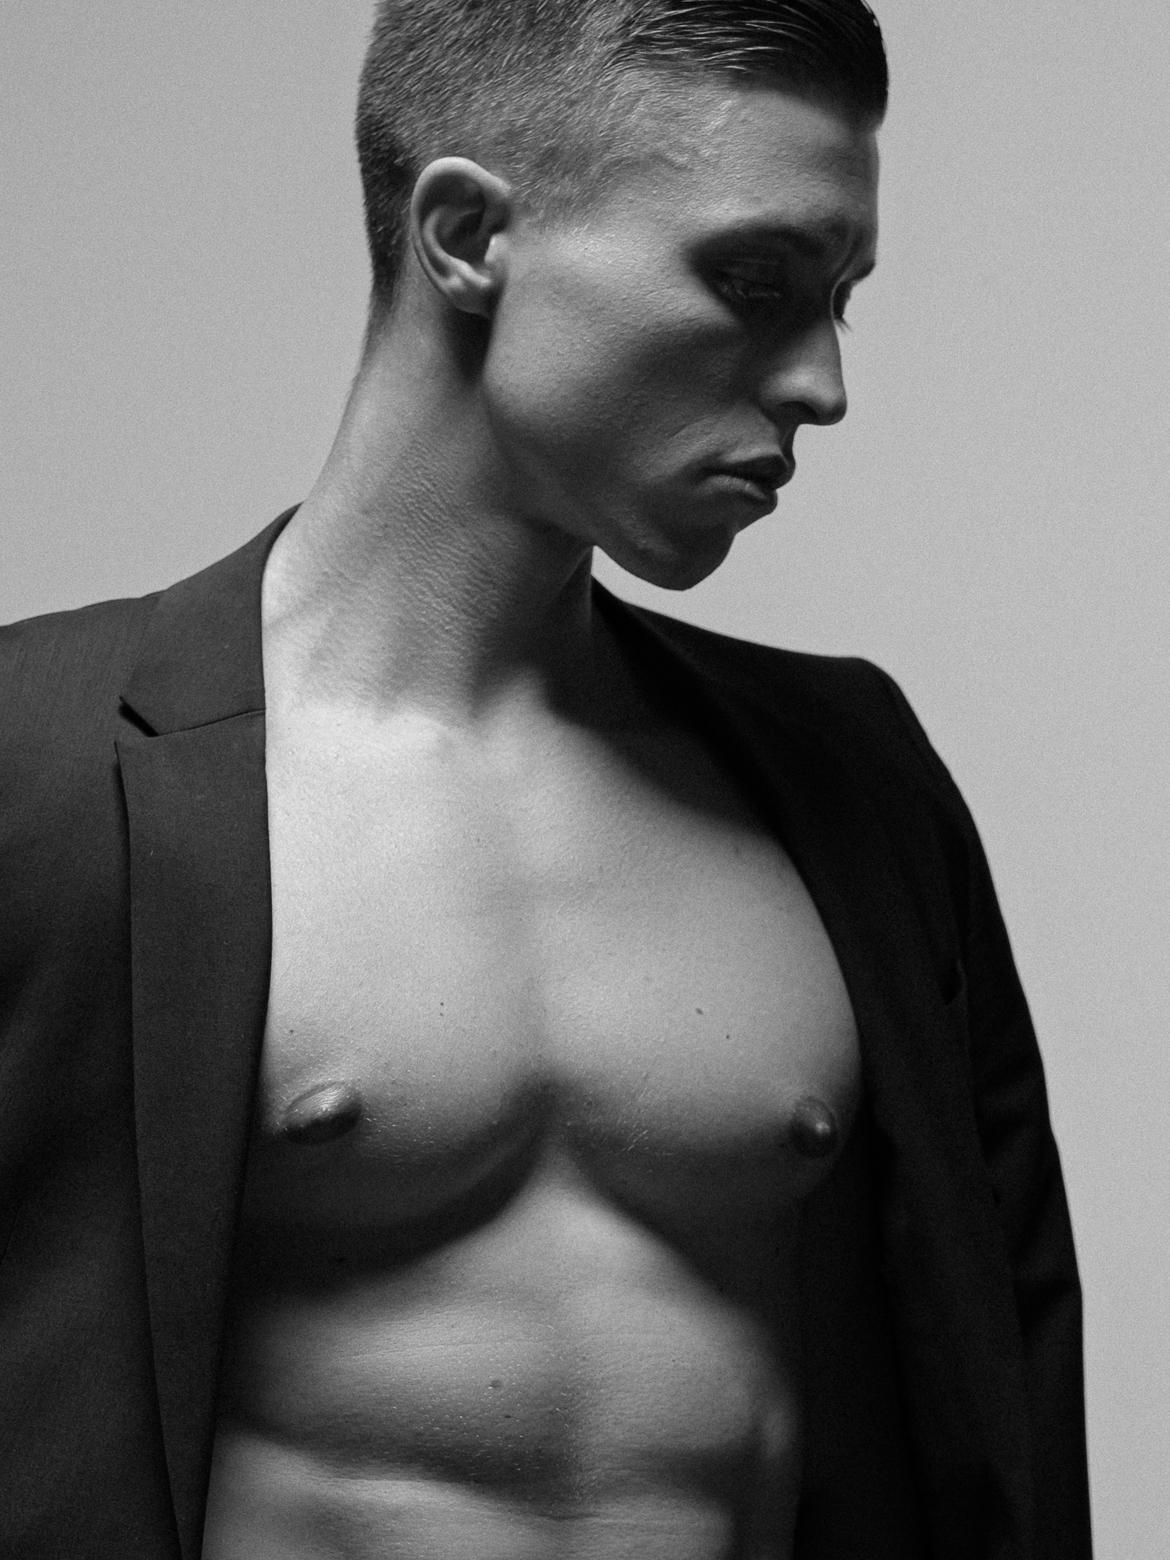 Kurt Remling Fotograf Bodyshots Portraits Ivan Flaretalents (3)